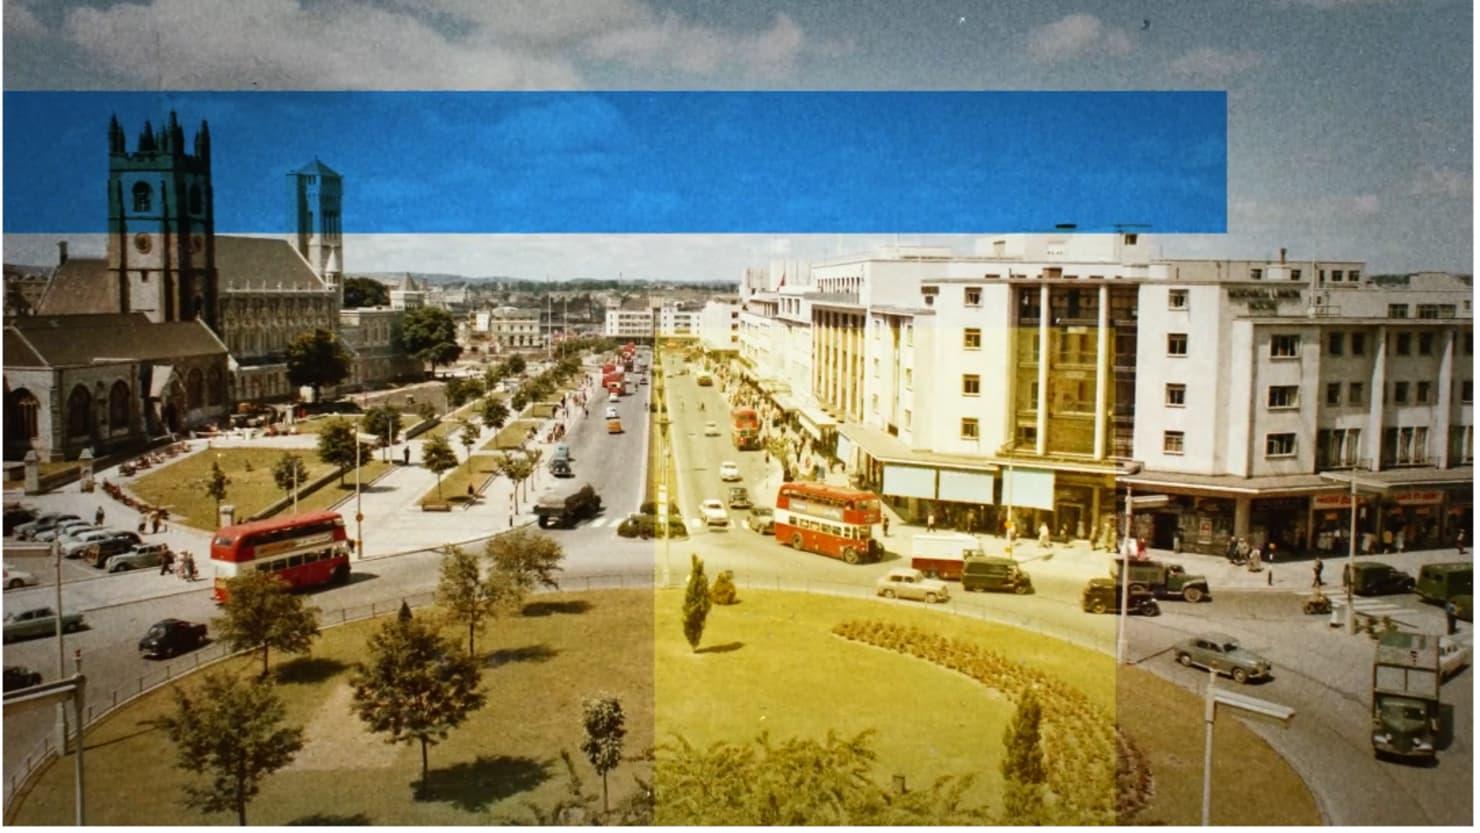 City centre screenshot